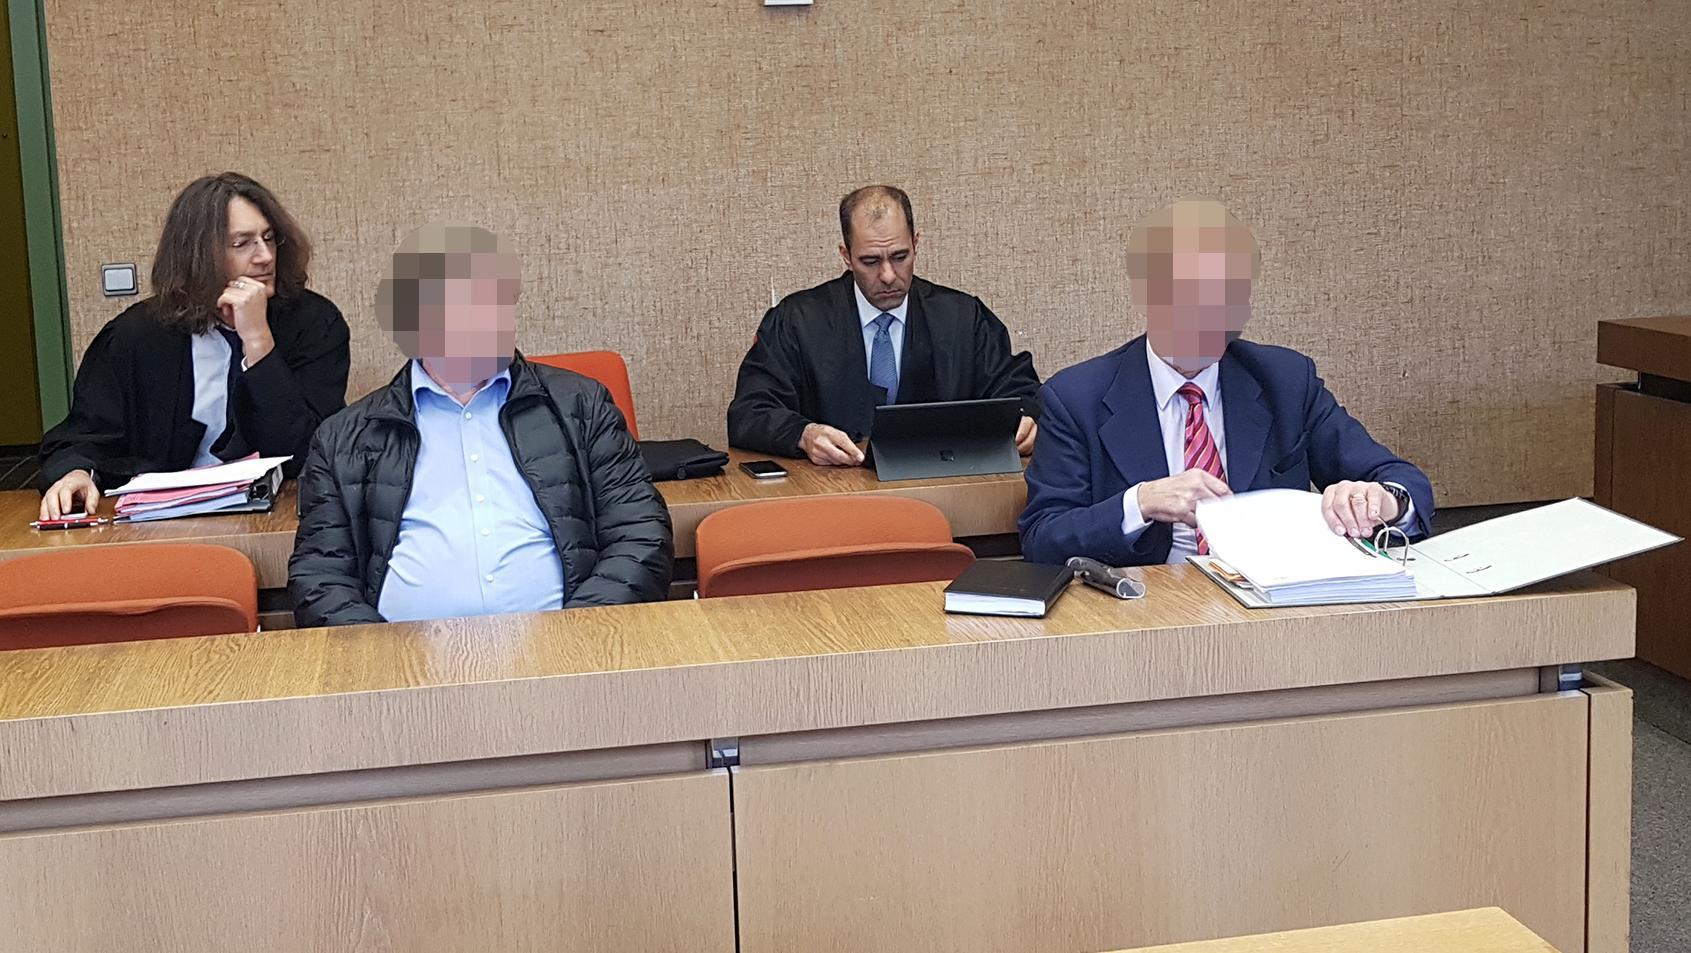 Angeklagt sind der Hausmeister (links) und der Eigentümer des Mietshauses